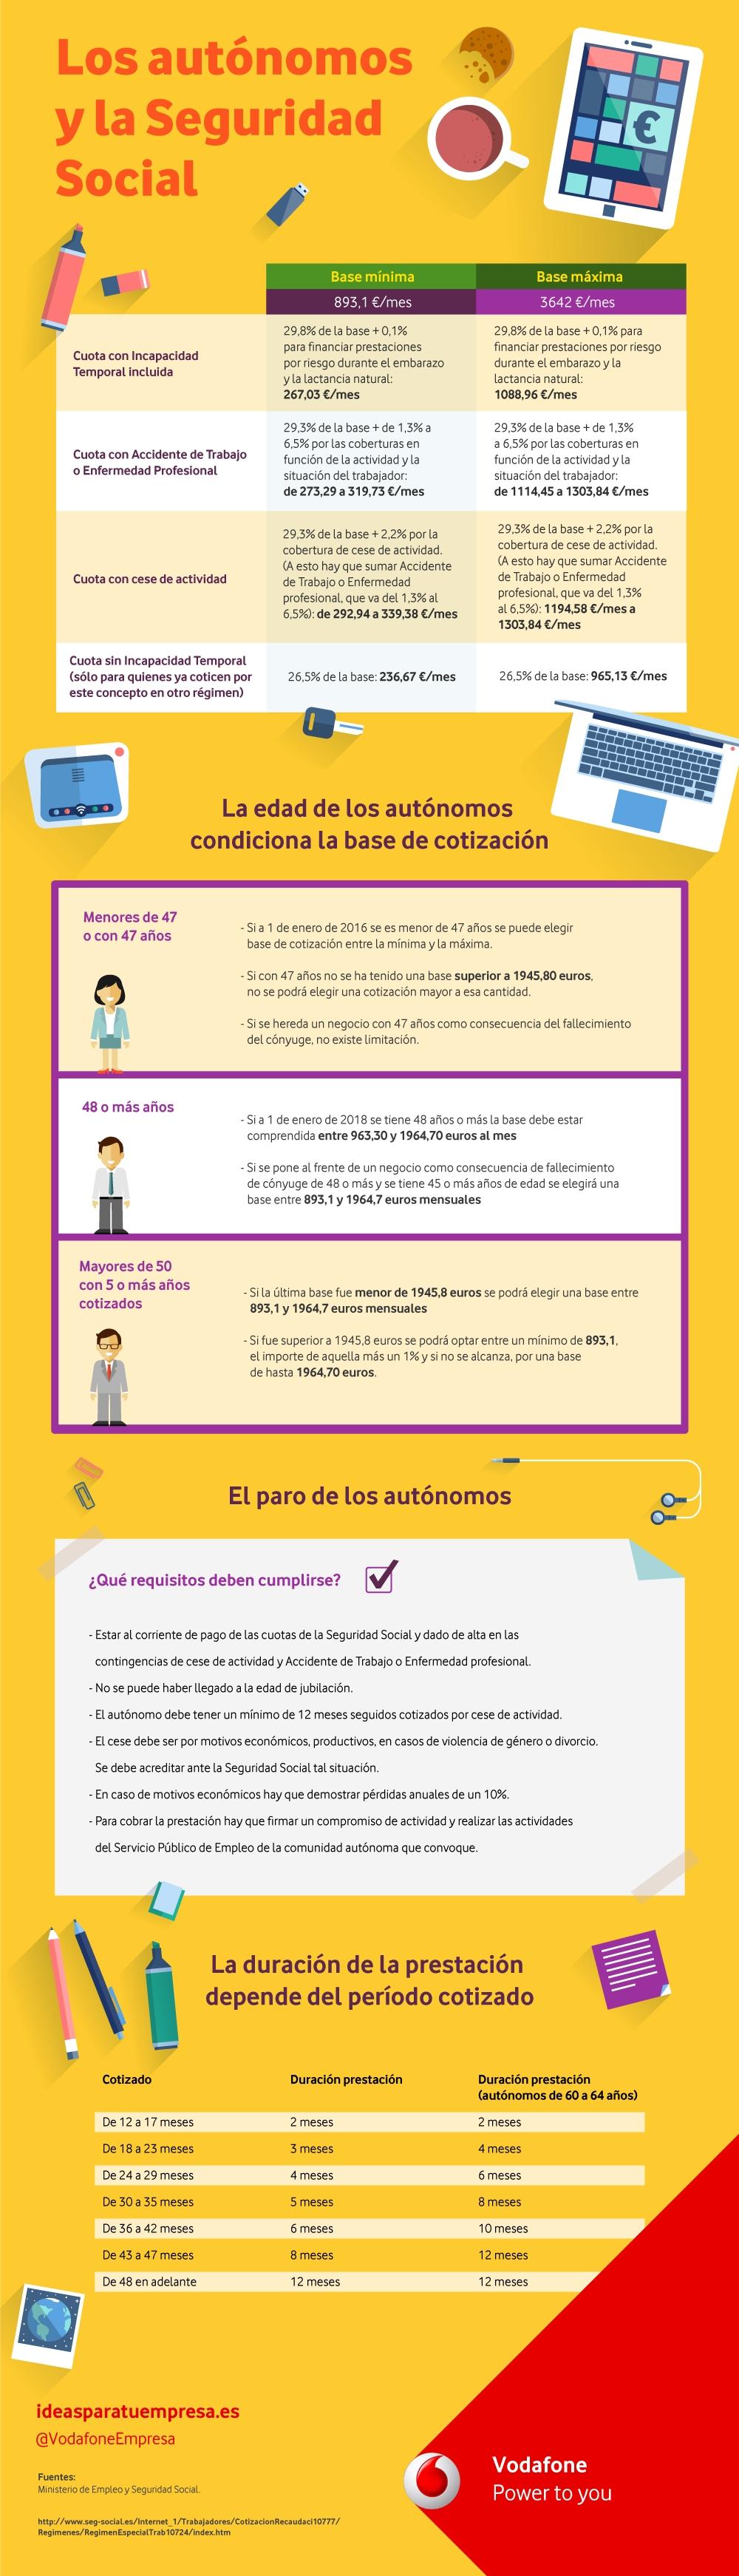 Los autónomos y la Seguridad Social (España)